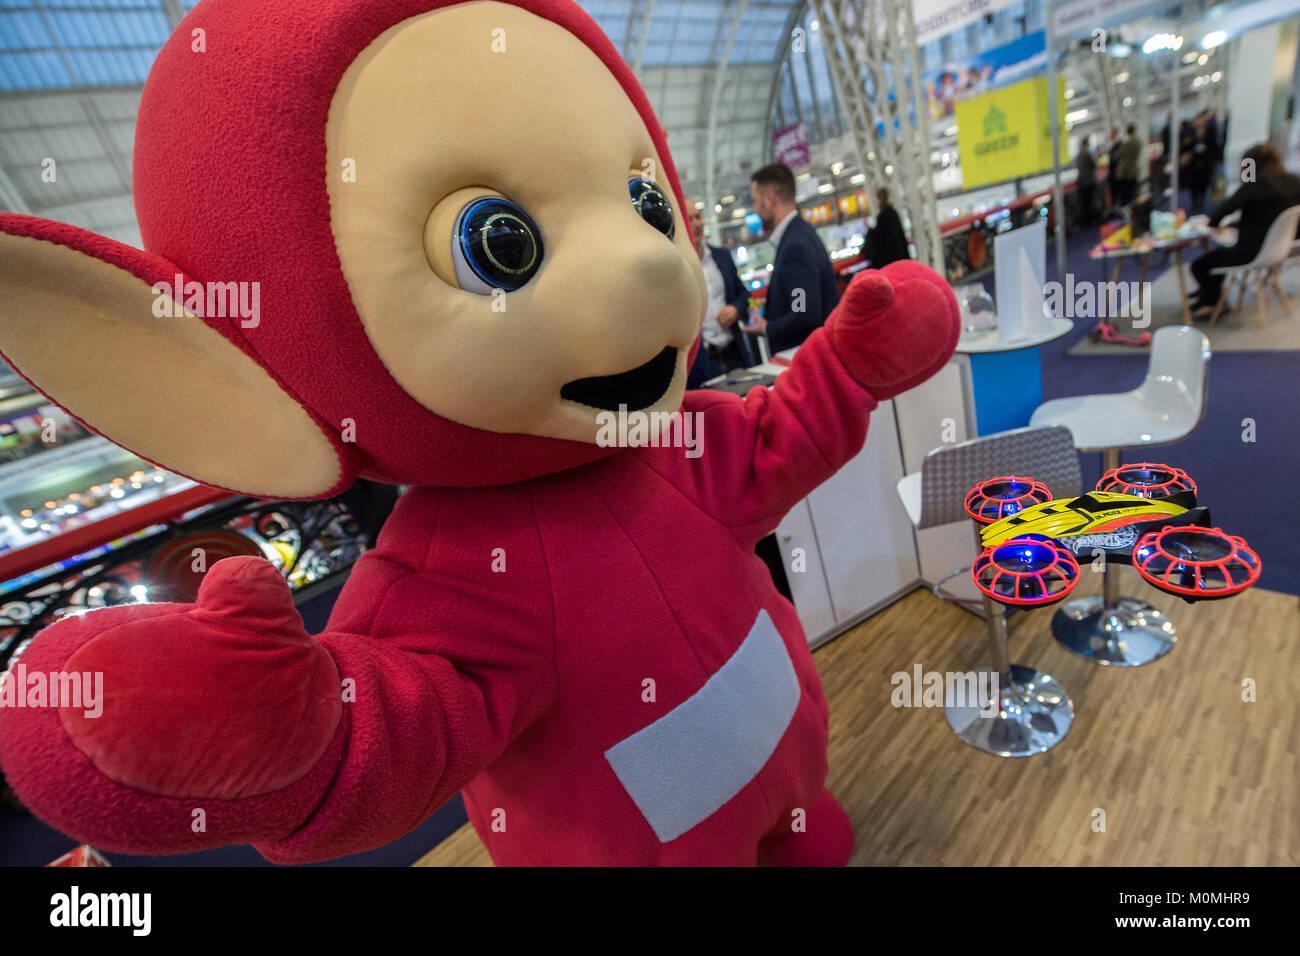 Teletubbies Tv Stock Photos & Teletubbies Tv Stock Images - Alamy